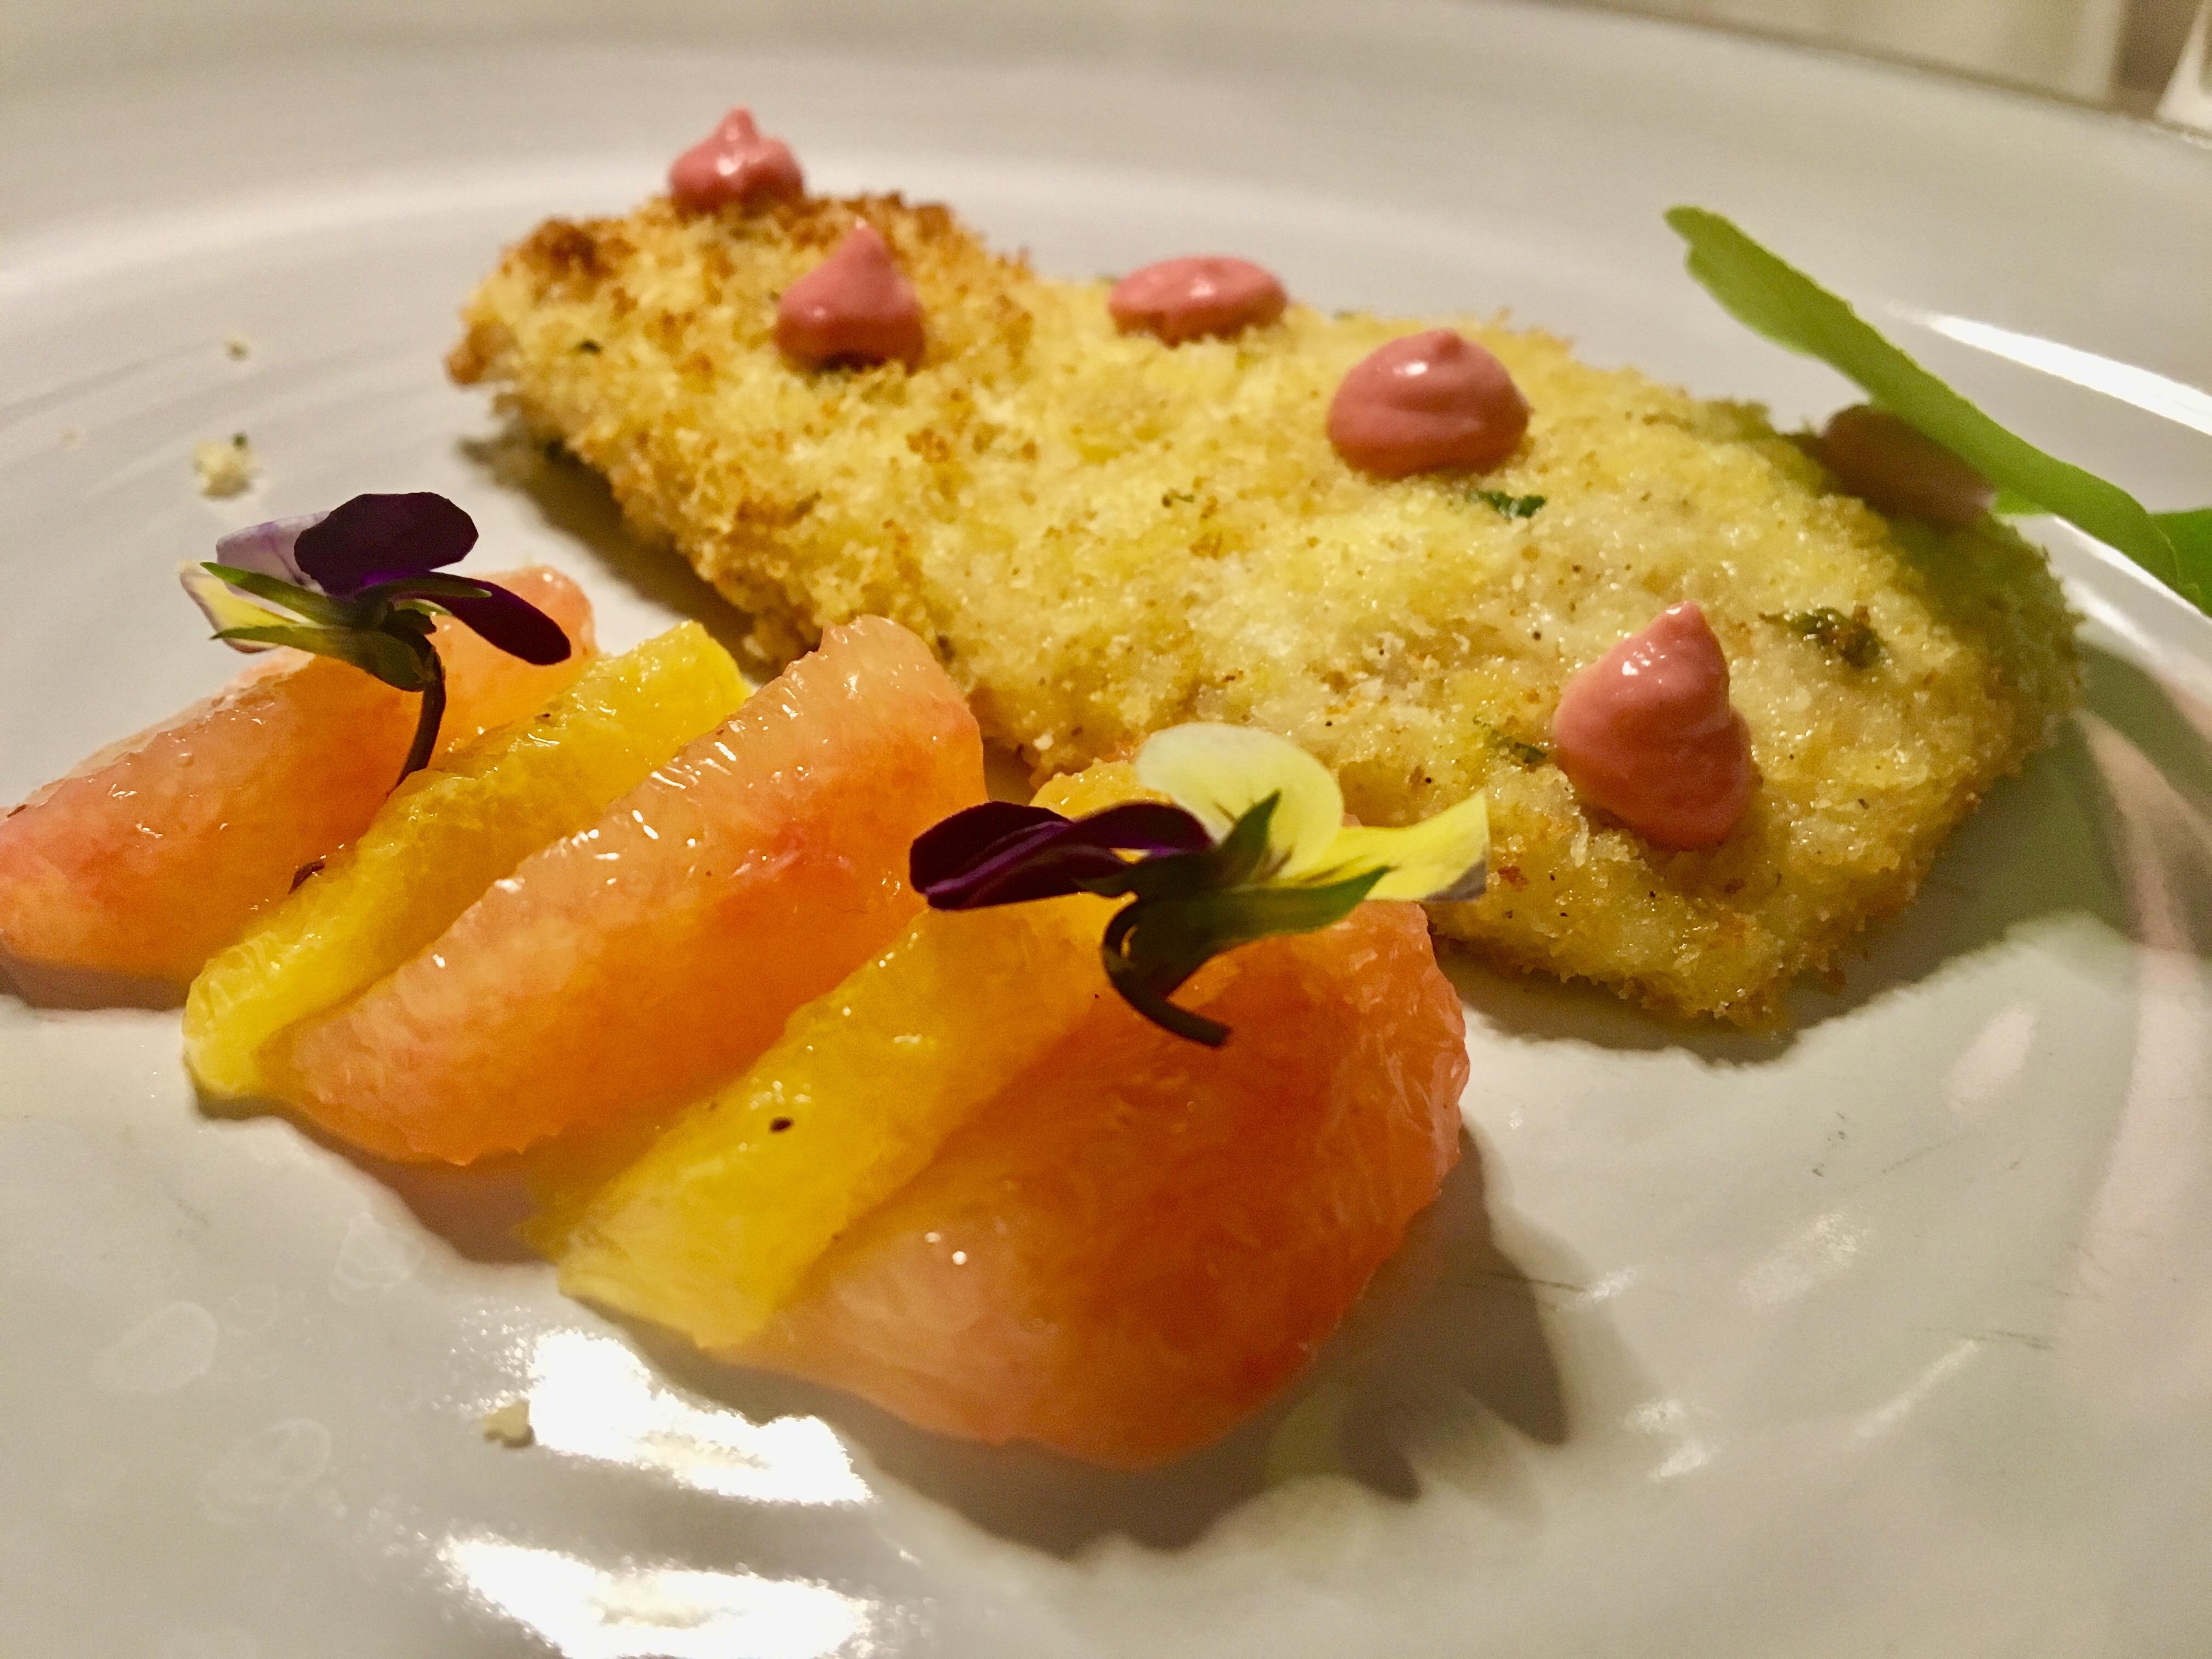 Filetto di rombo in panura di origano, maionese ai lamponi e agrumi